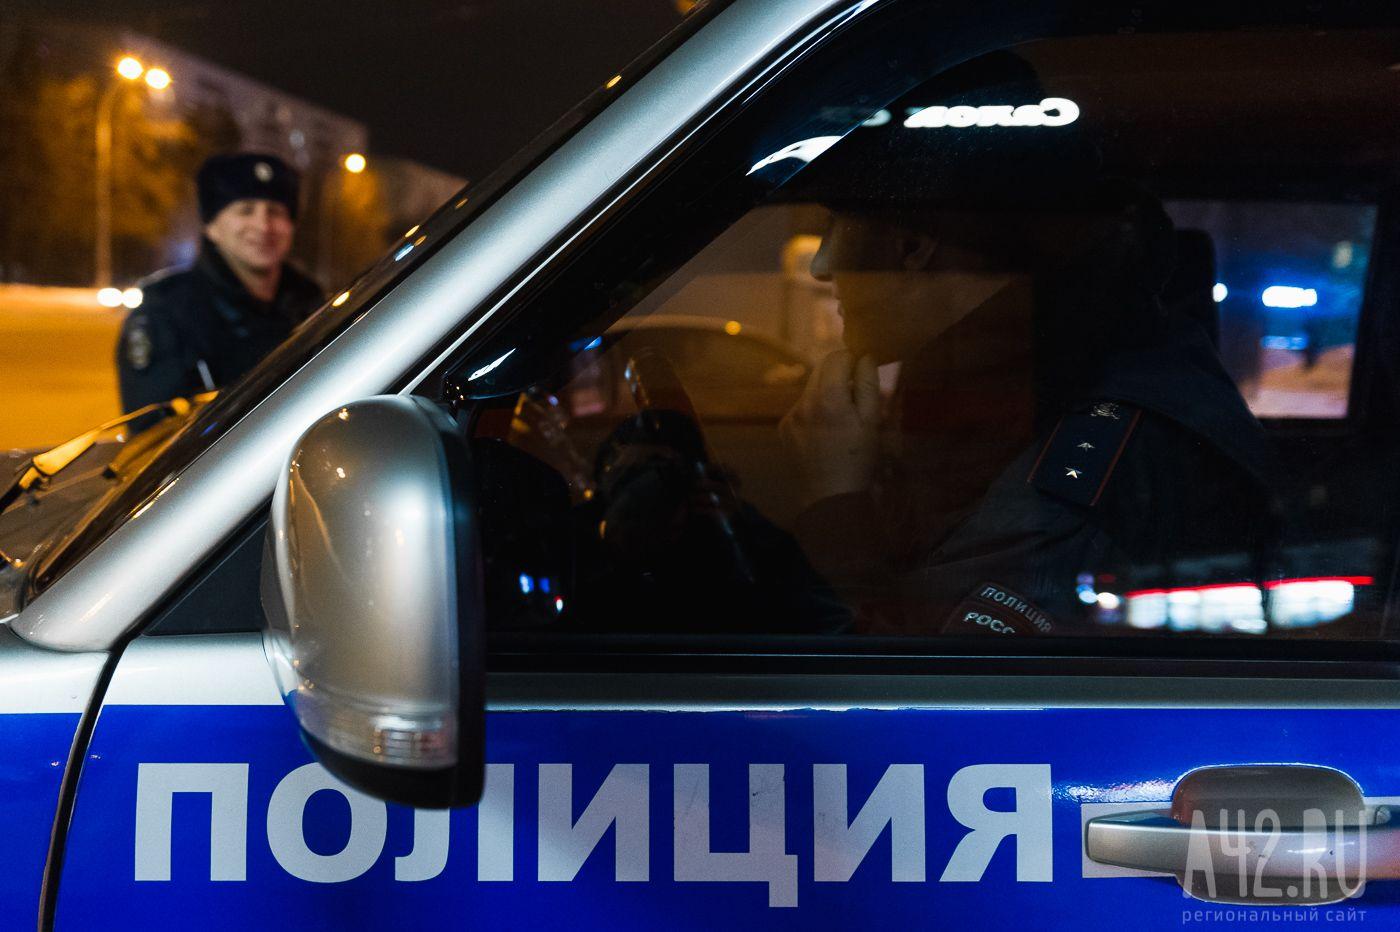 ВКузбассе мужчина проводил женщину додома, а потом ограбил